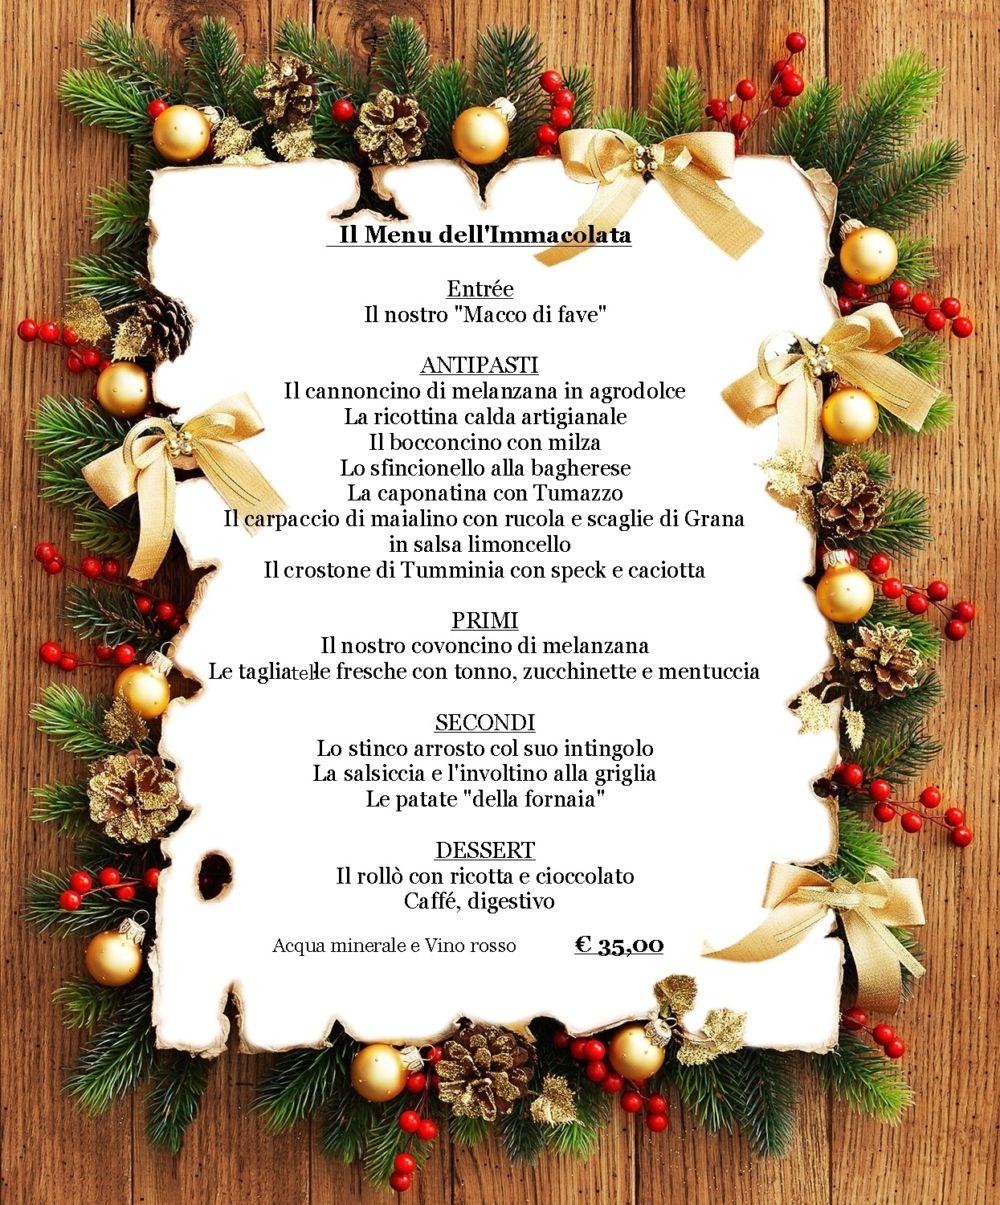 (Italiano) Menu dell'Immacolata